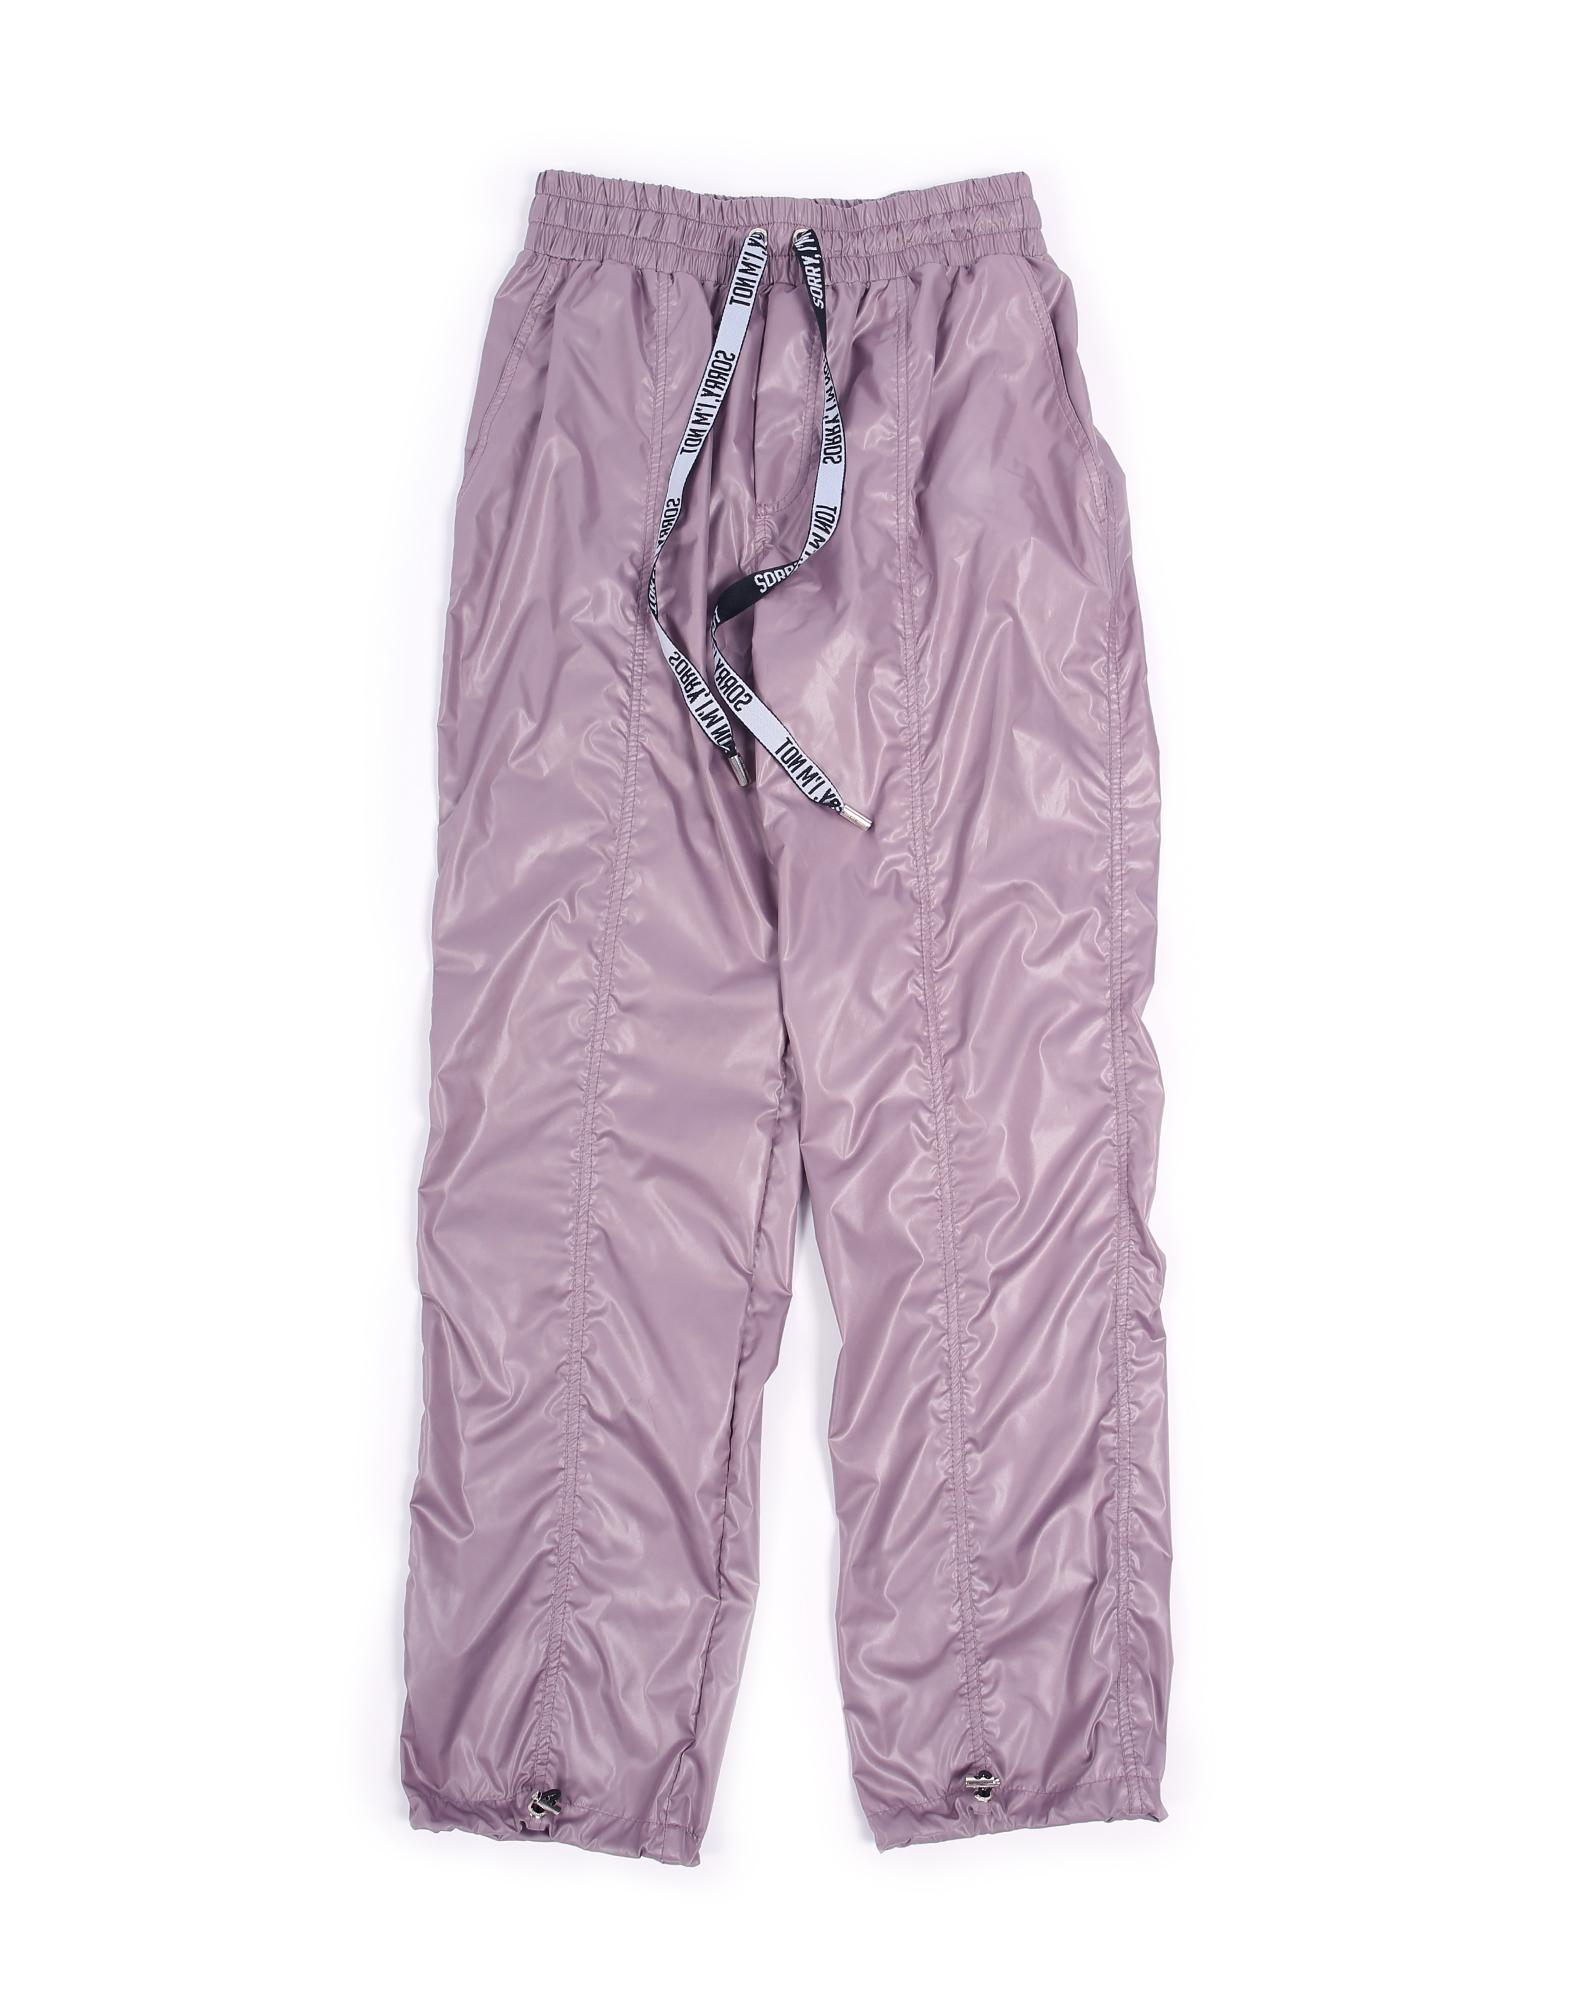 pants13